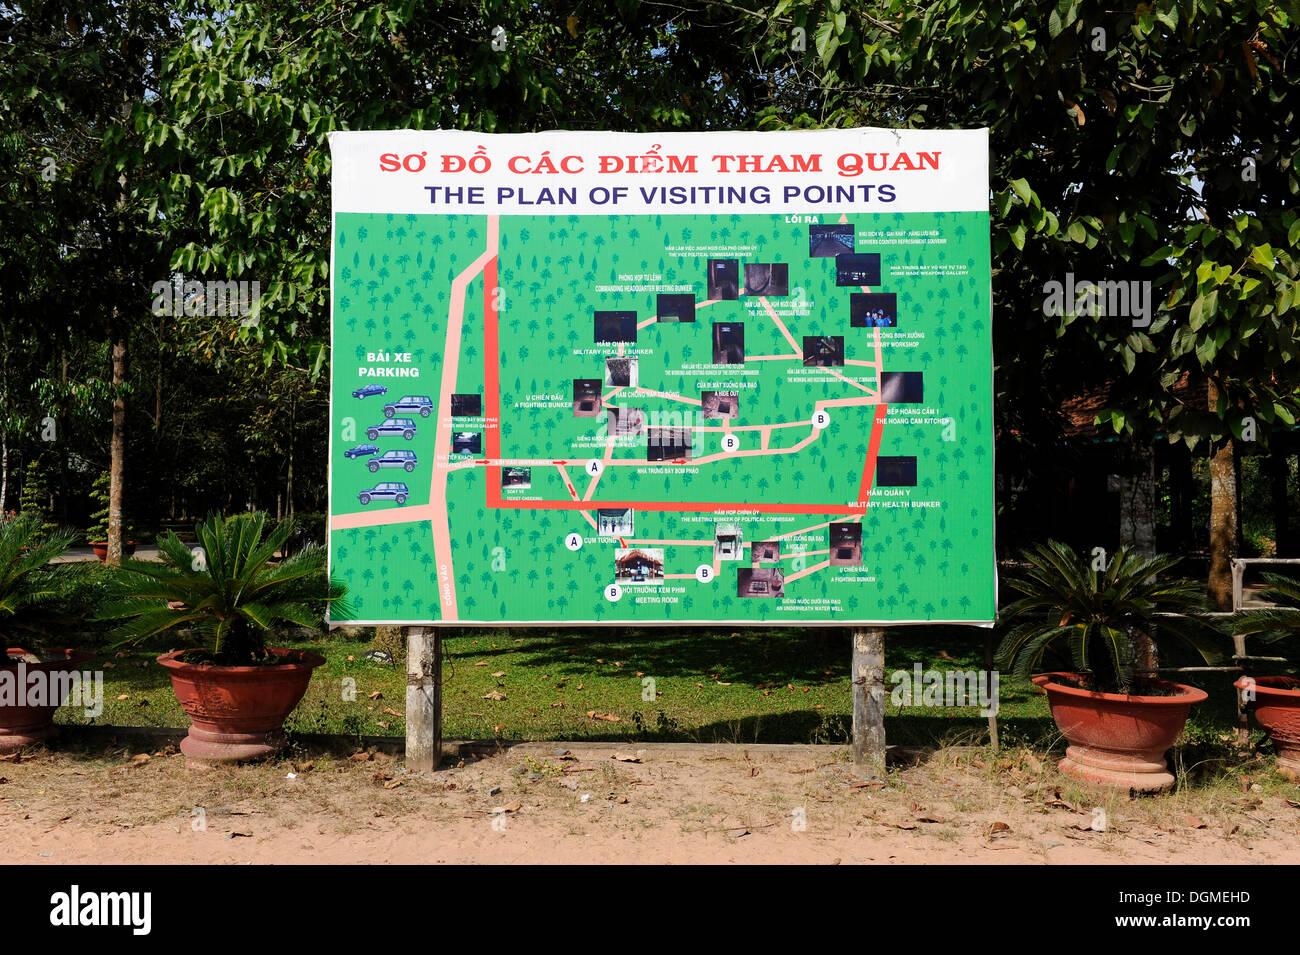 Sitemap der Points of Interest in der Open-Air-Kriegsmuseum in Cu Chi, Süd-Vietnam, Vietnam, Südostasien, Stockbild